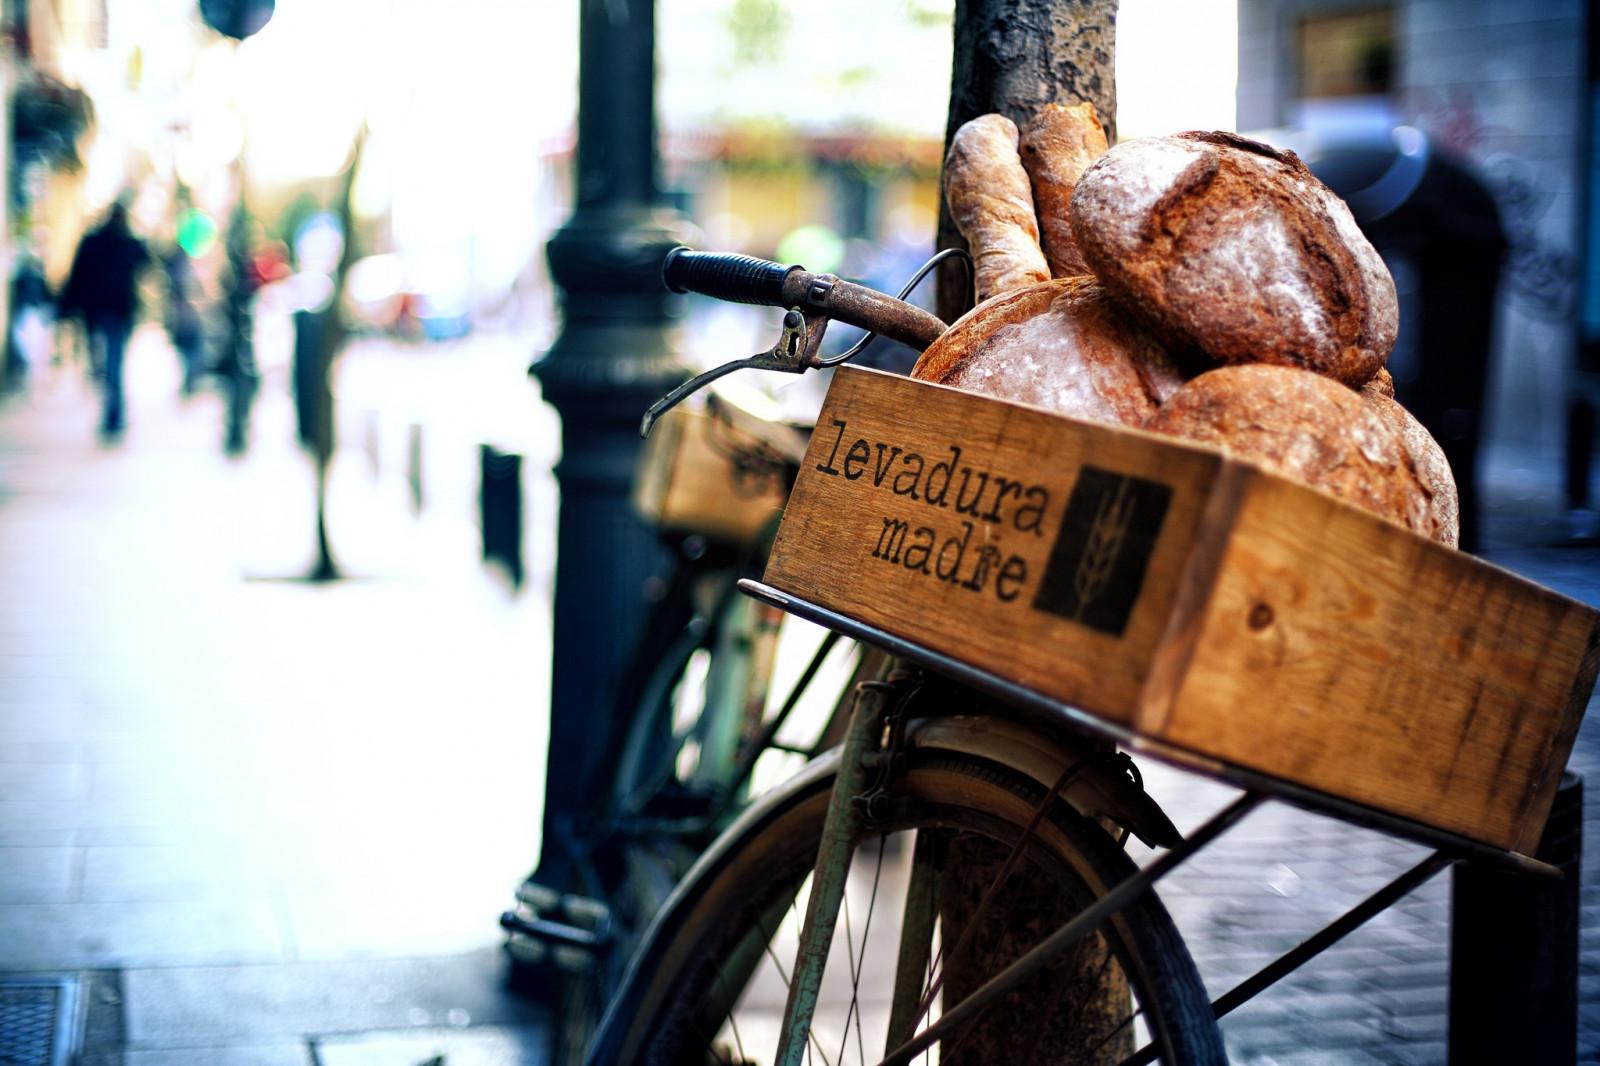 2048x1365 px vélo pain ville aliments Urbain véhicule